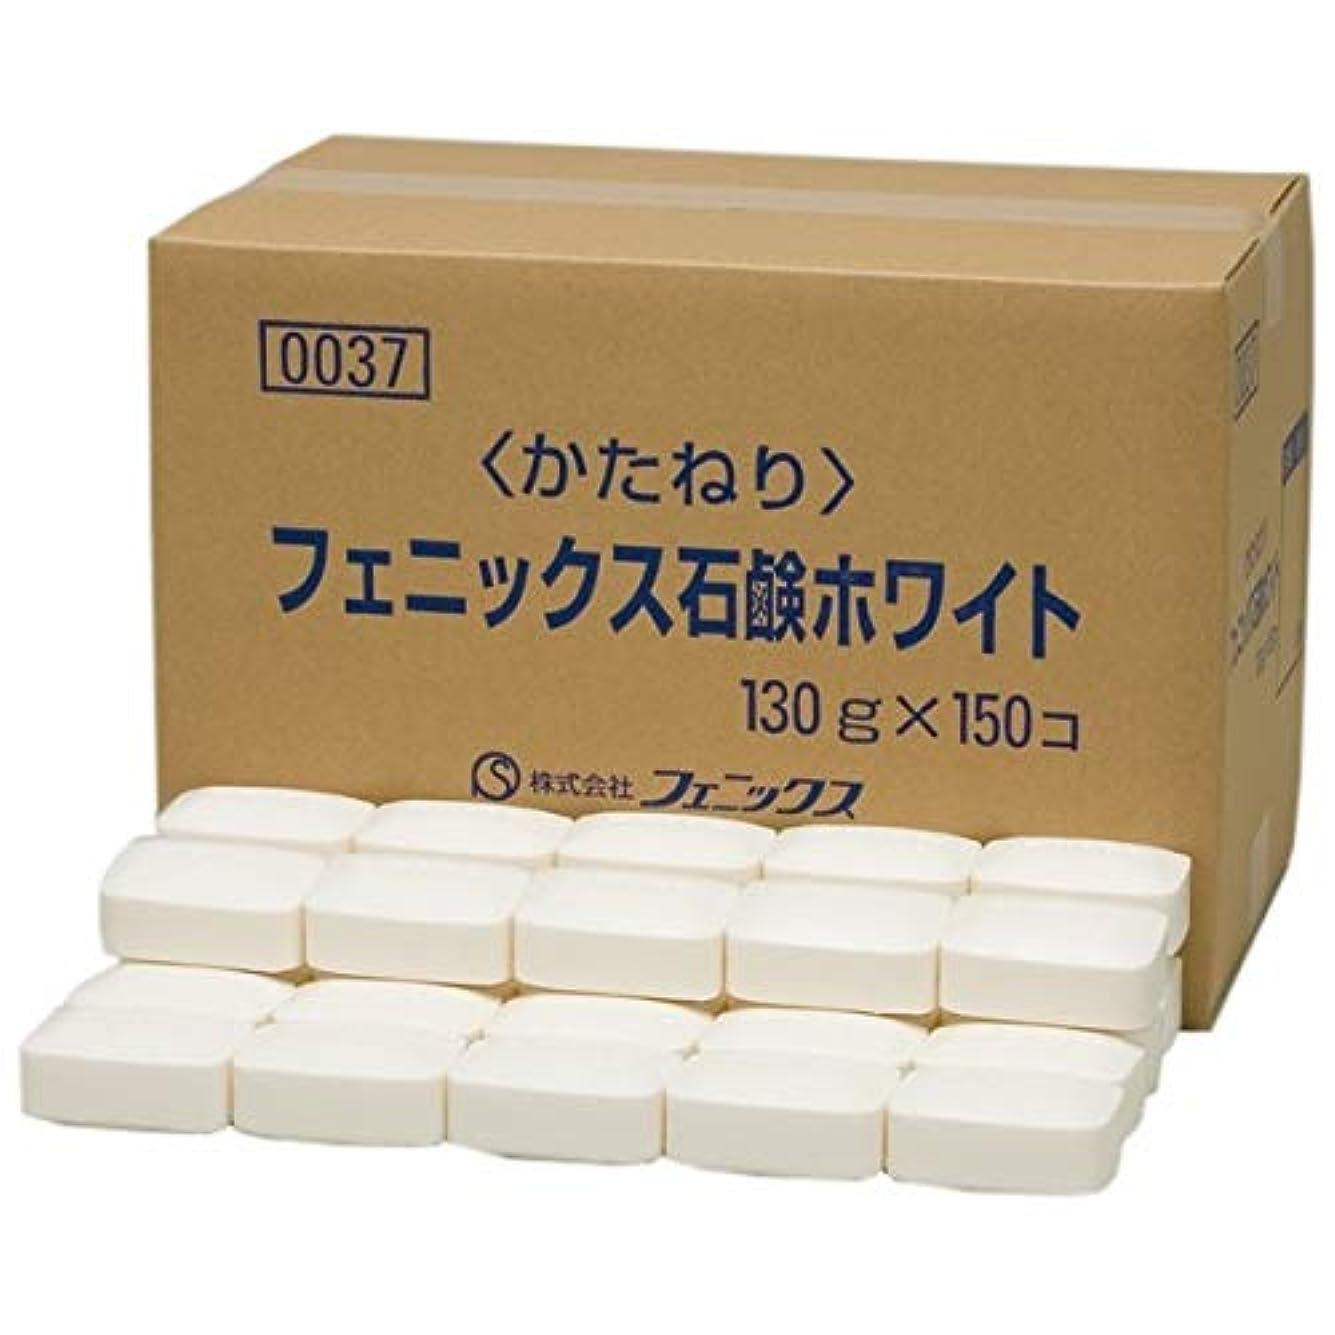 または枯渇おなじみのフェニックスホワイト石鹸 130g×150個入